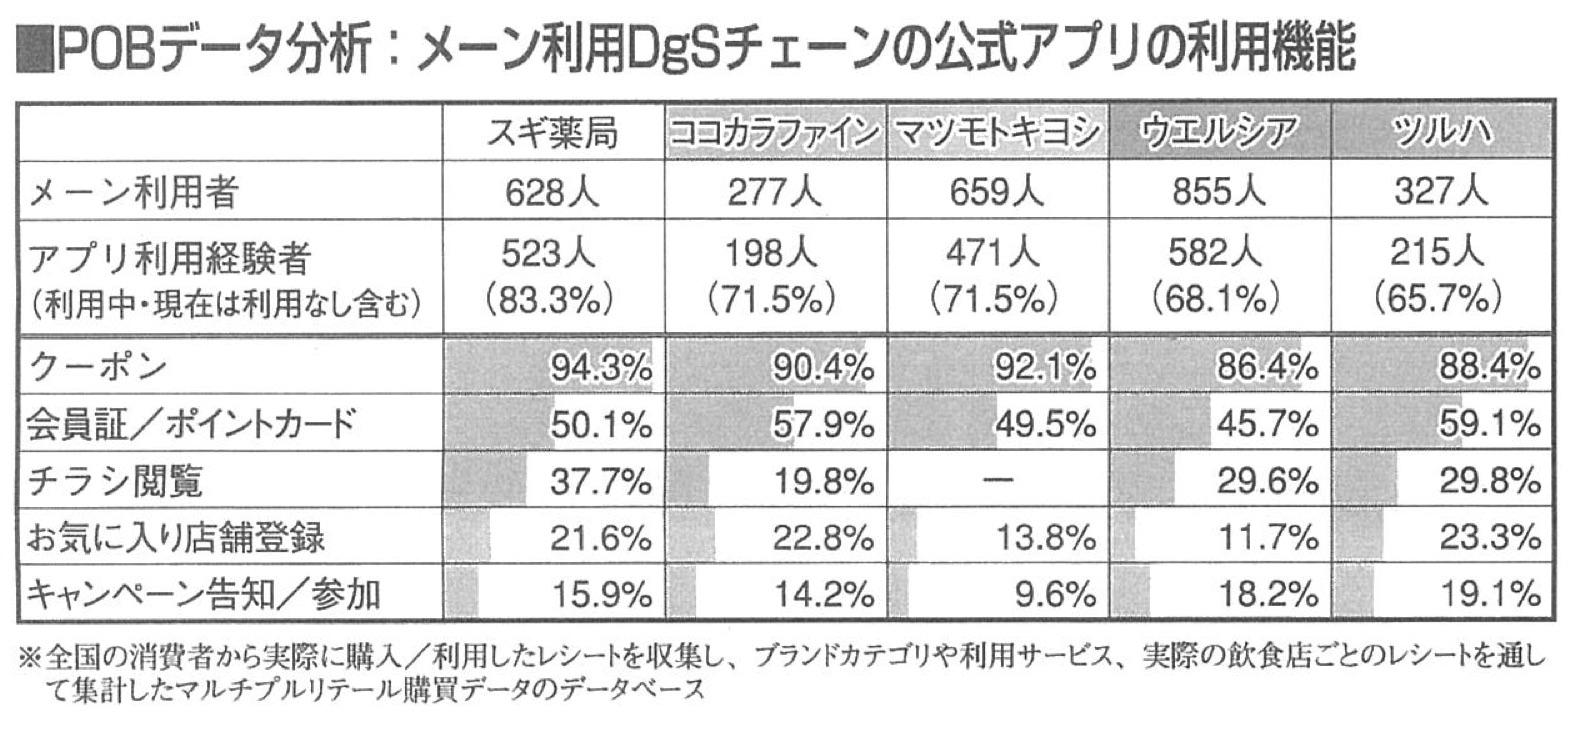 【user's VOICE】ドラッグストアのアプリ利用率を見る